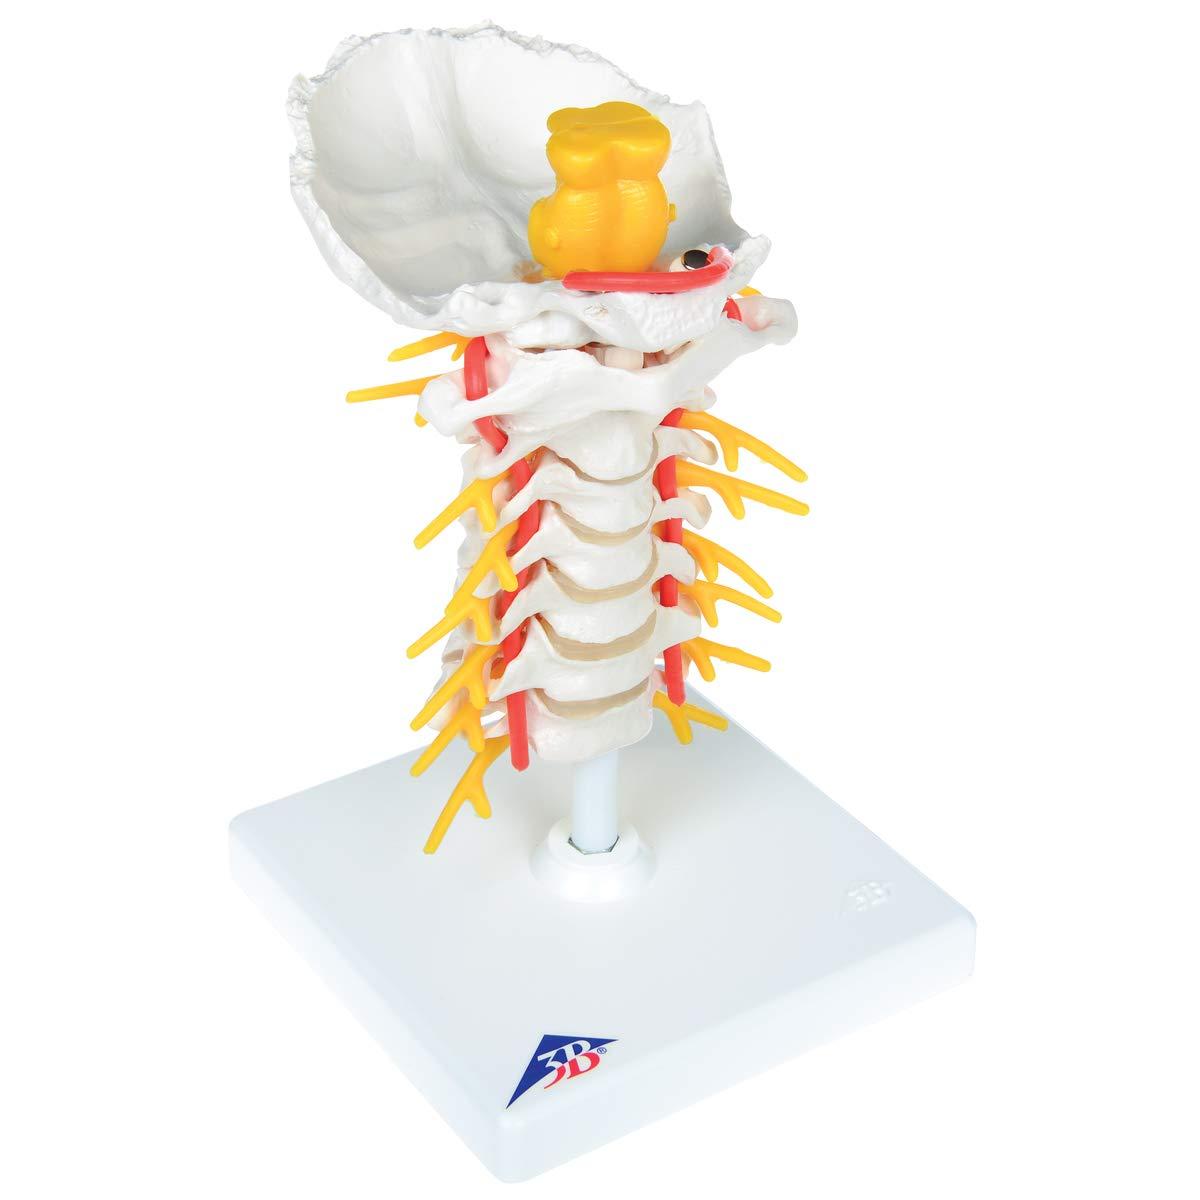 新品入荷 頚椎モデル B007NCUCNI, こわけや:4aaf73fc --- a0267596.xsph.ru